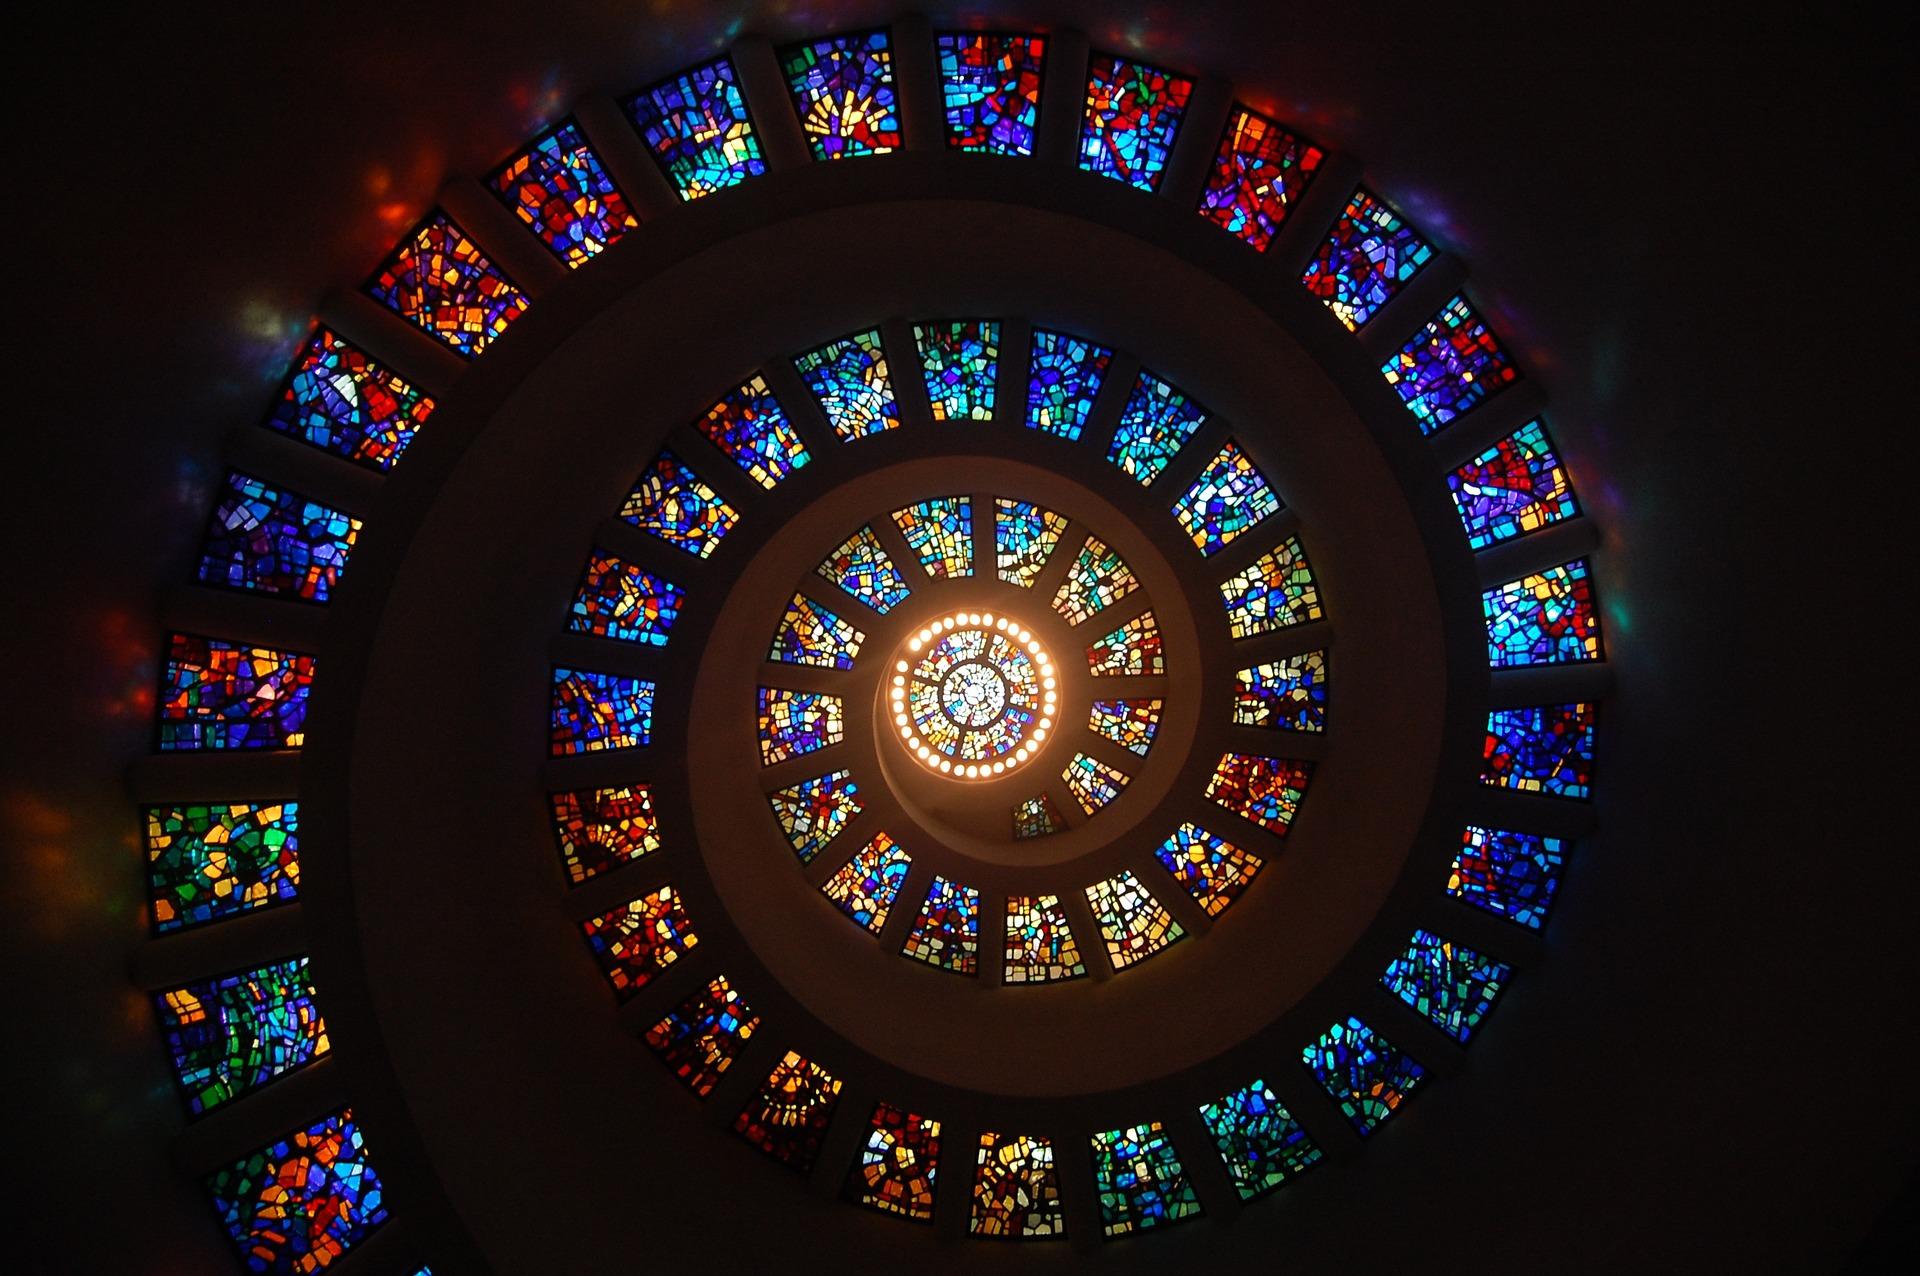 Bilden föreställer en spiral bestående av dussintals förgglada moasaikfönster som ringlar upp längs ett kupolformat tak. I mitten är ett runt fönster som släpper in starkt ljus.